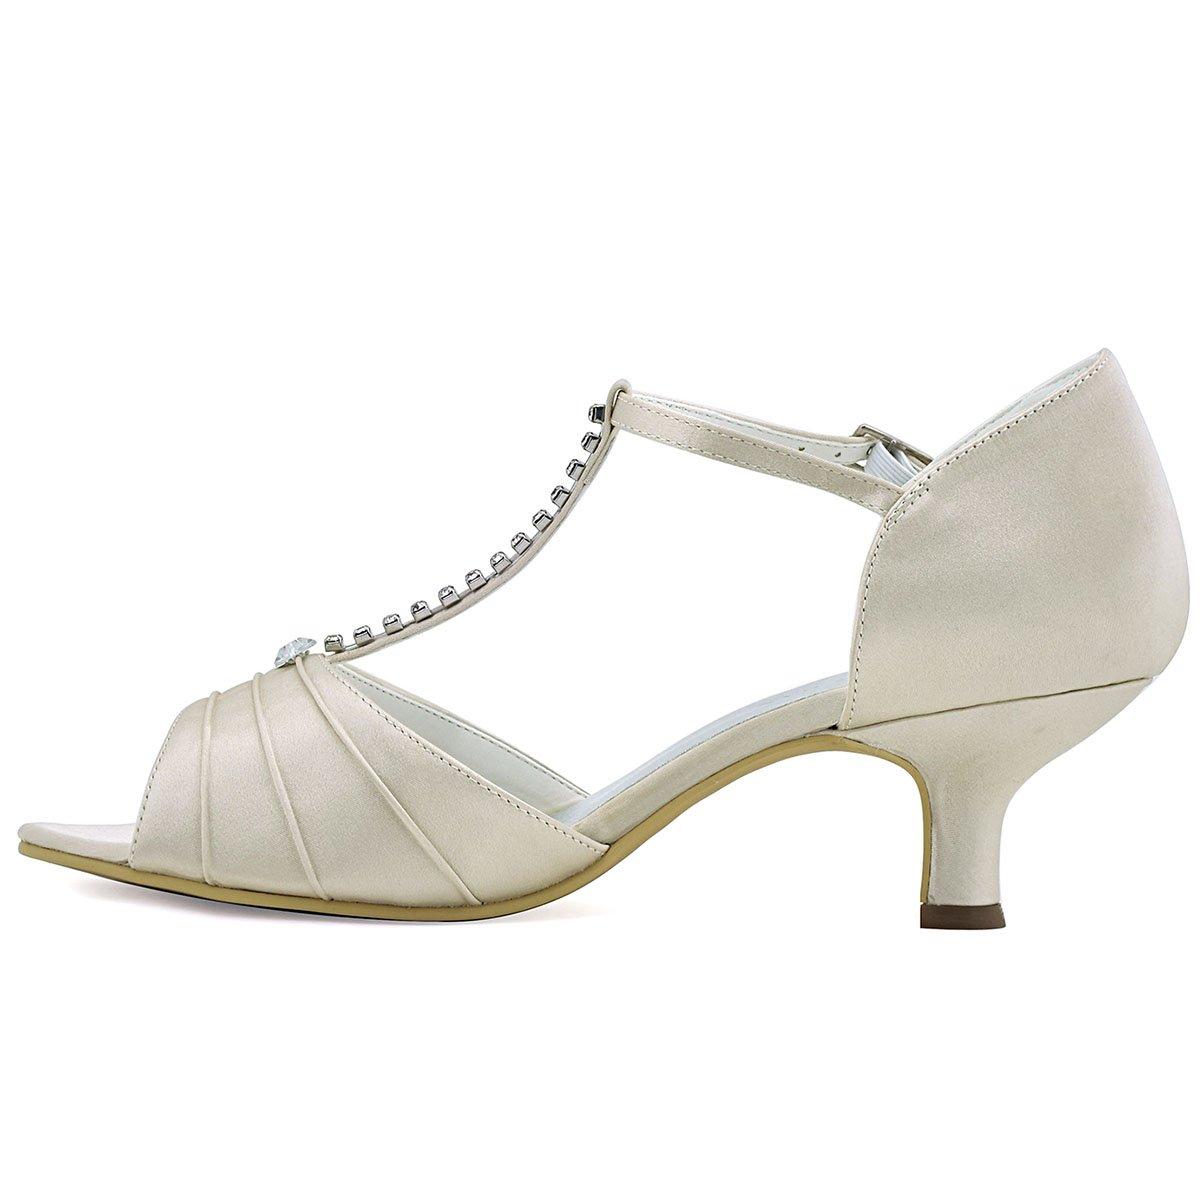 7b3ef3a0cfe99c ... ElegantPark EL-035 Women Peep Toe T-Strap Pumps Mid Heel Bridal  Rhinestones Satin ...